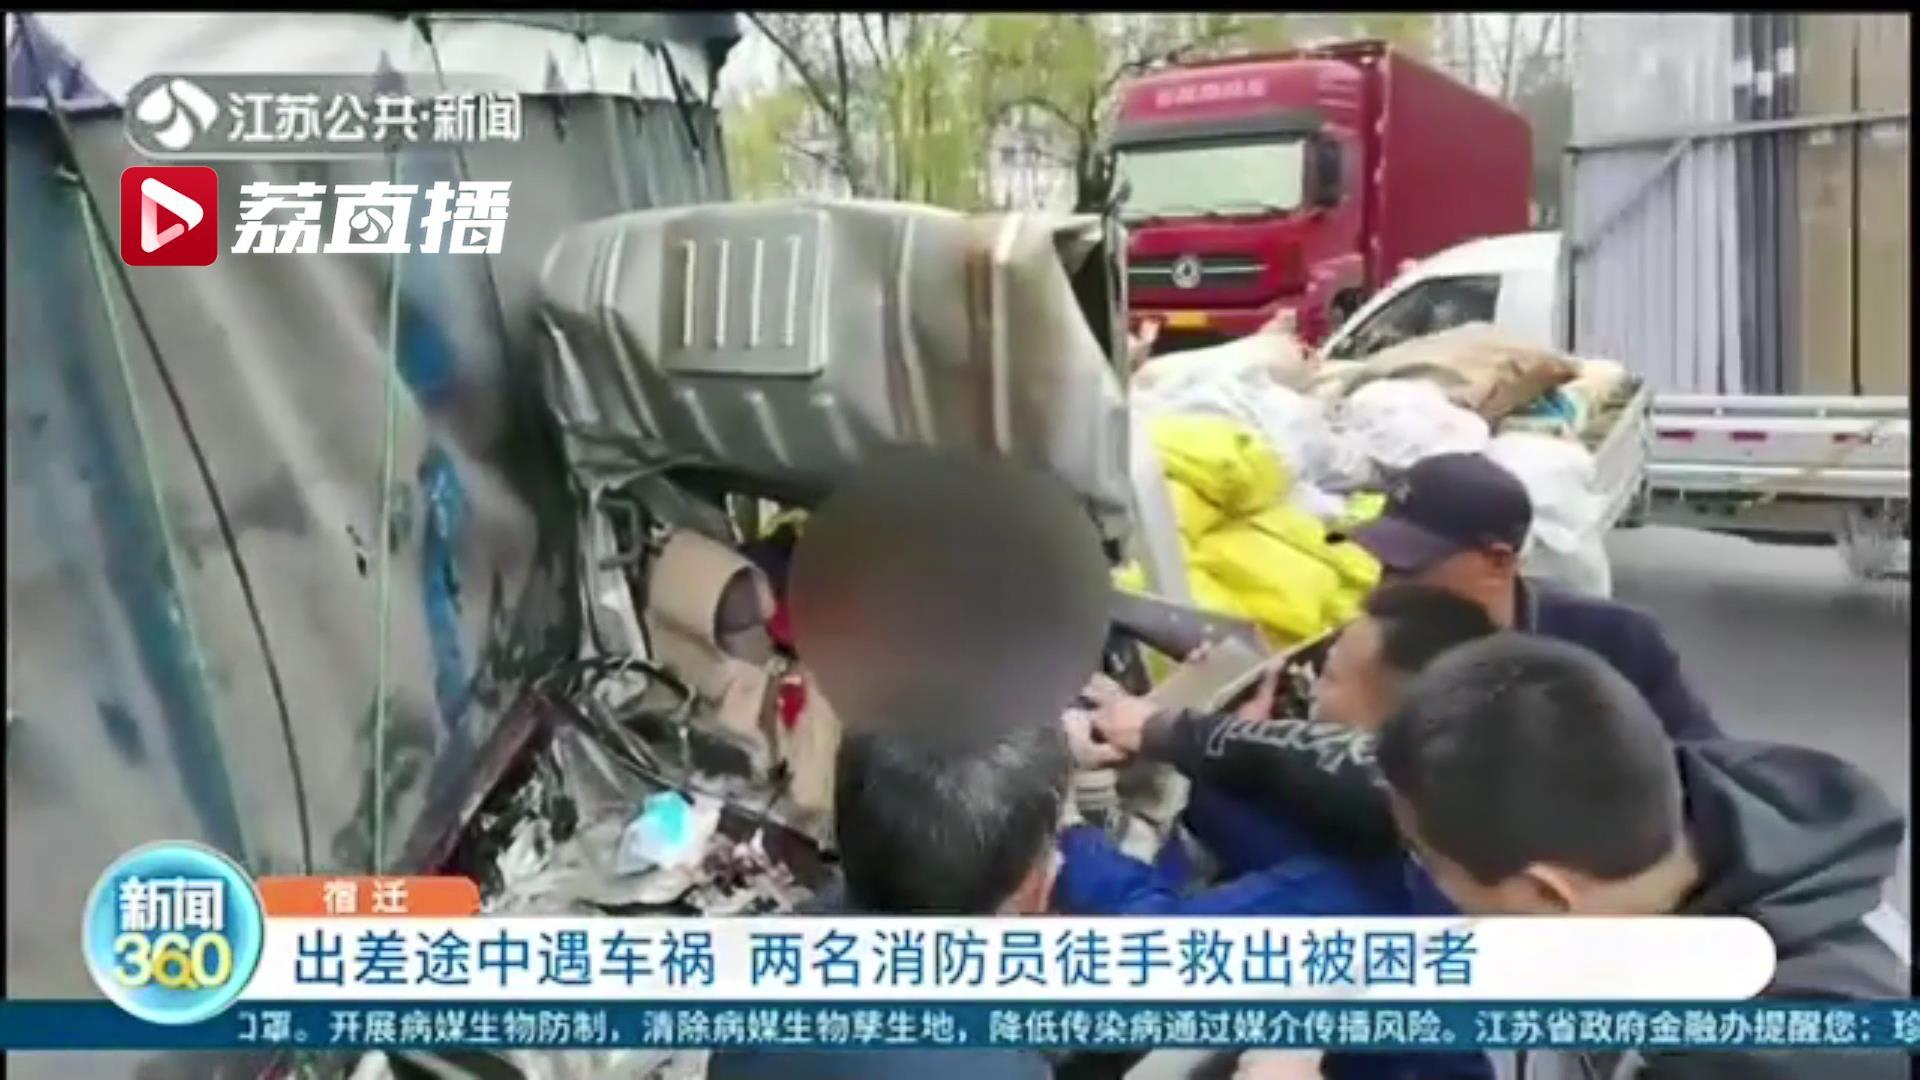 出差途中遇车祸现场 宿迁两名消防员徒手救出被困者